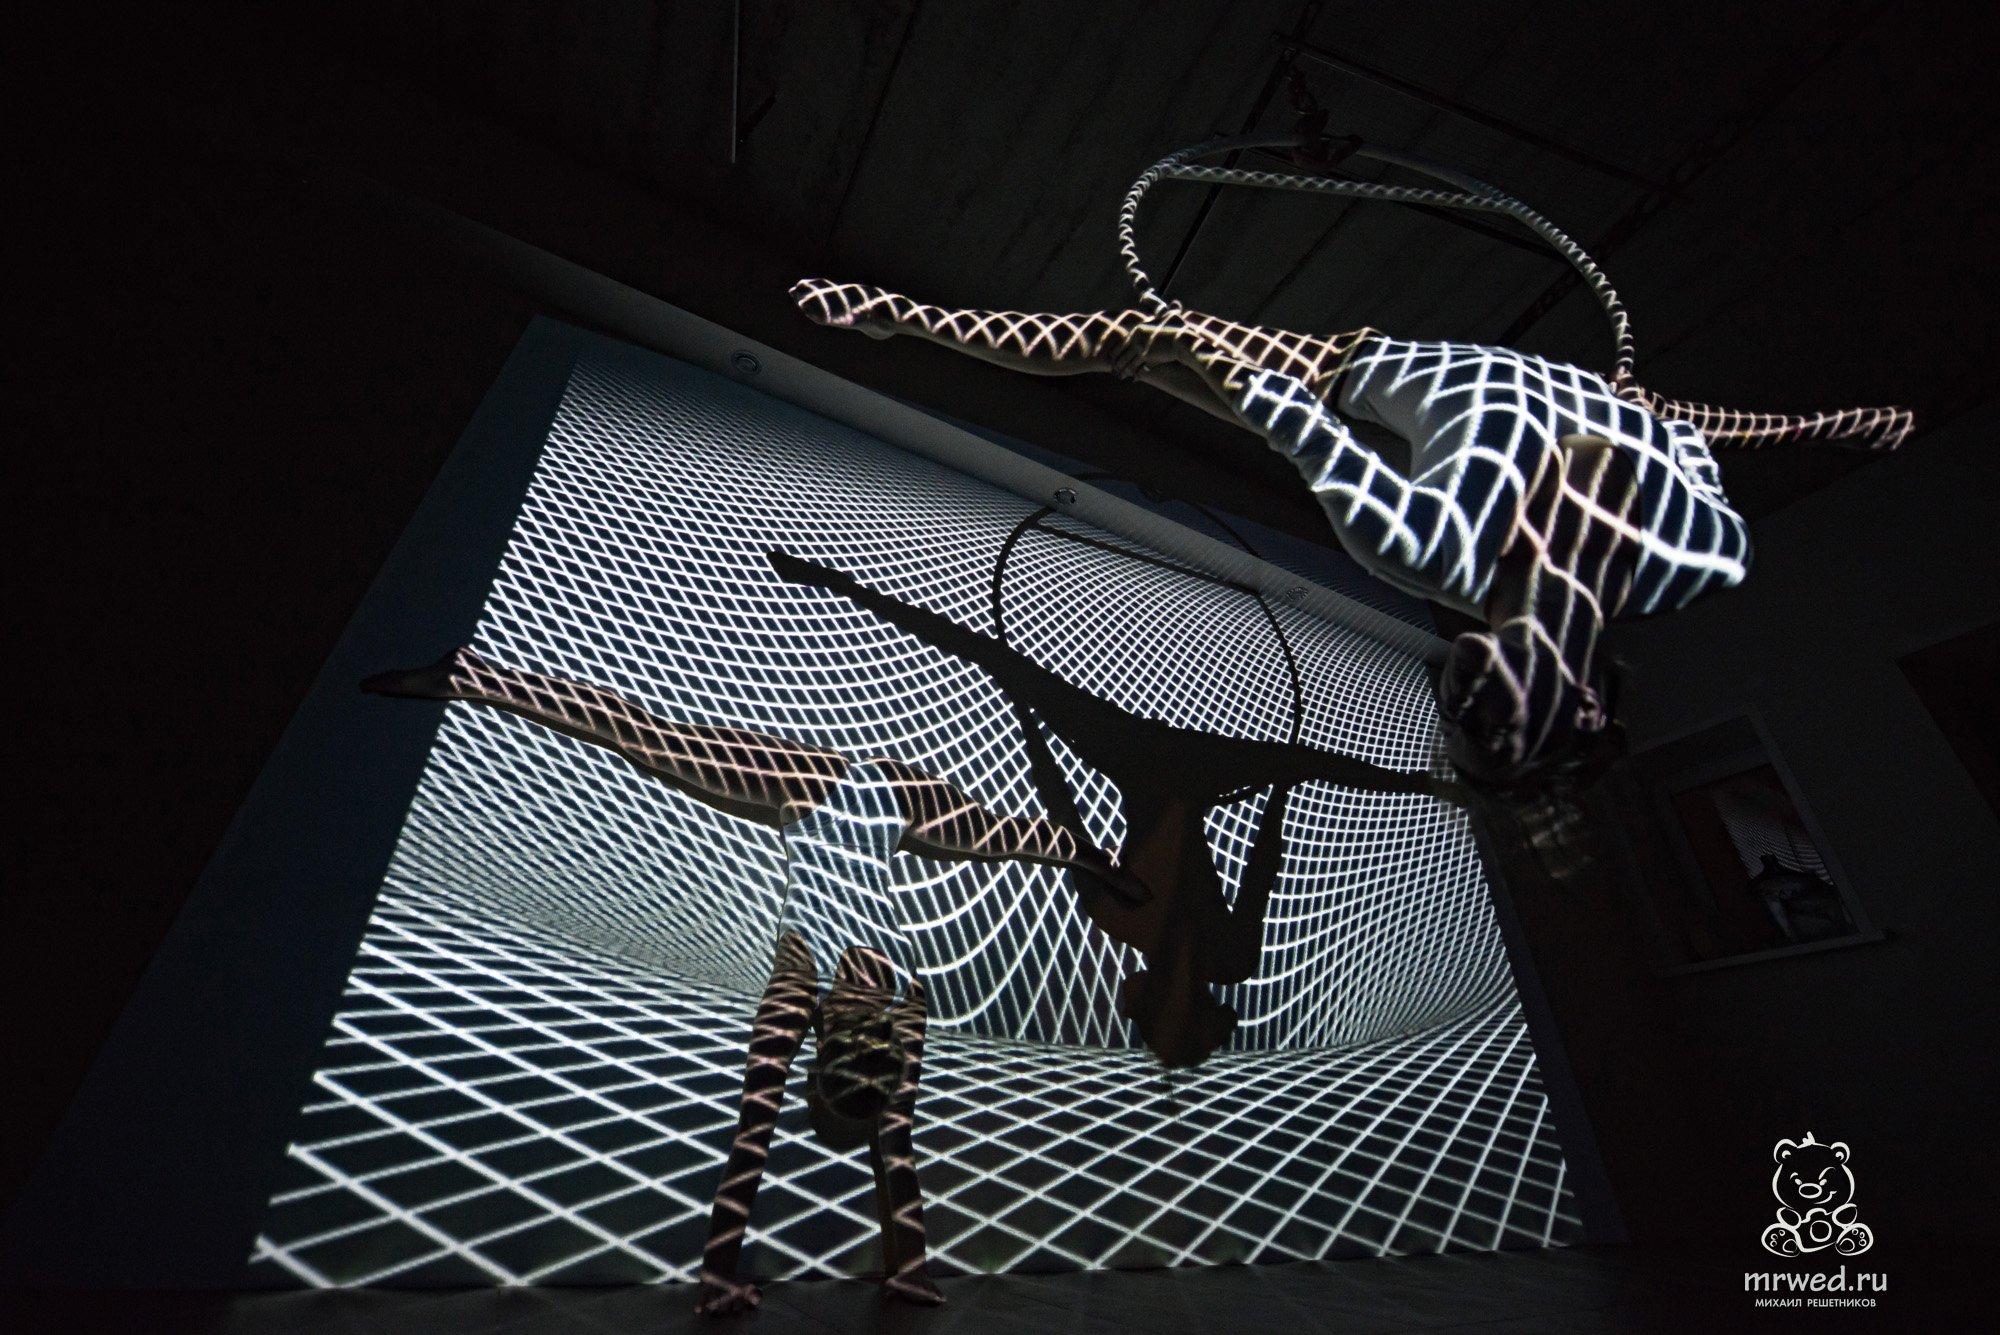 проектор, шпагат, девушки, боди, Михаил Решетников, Михаил Решетников